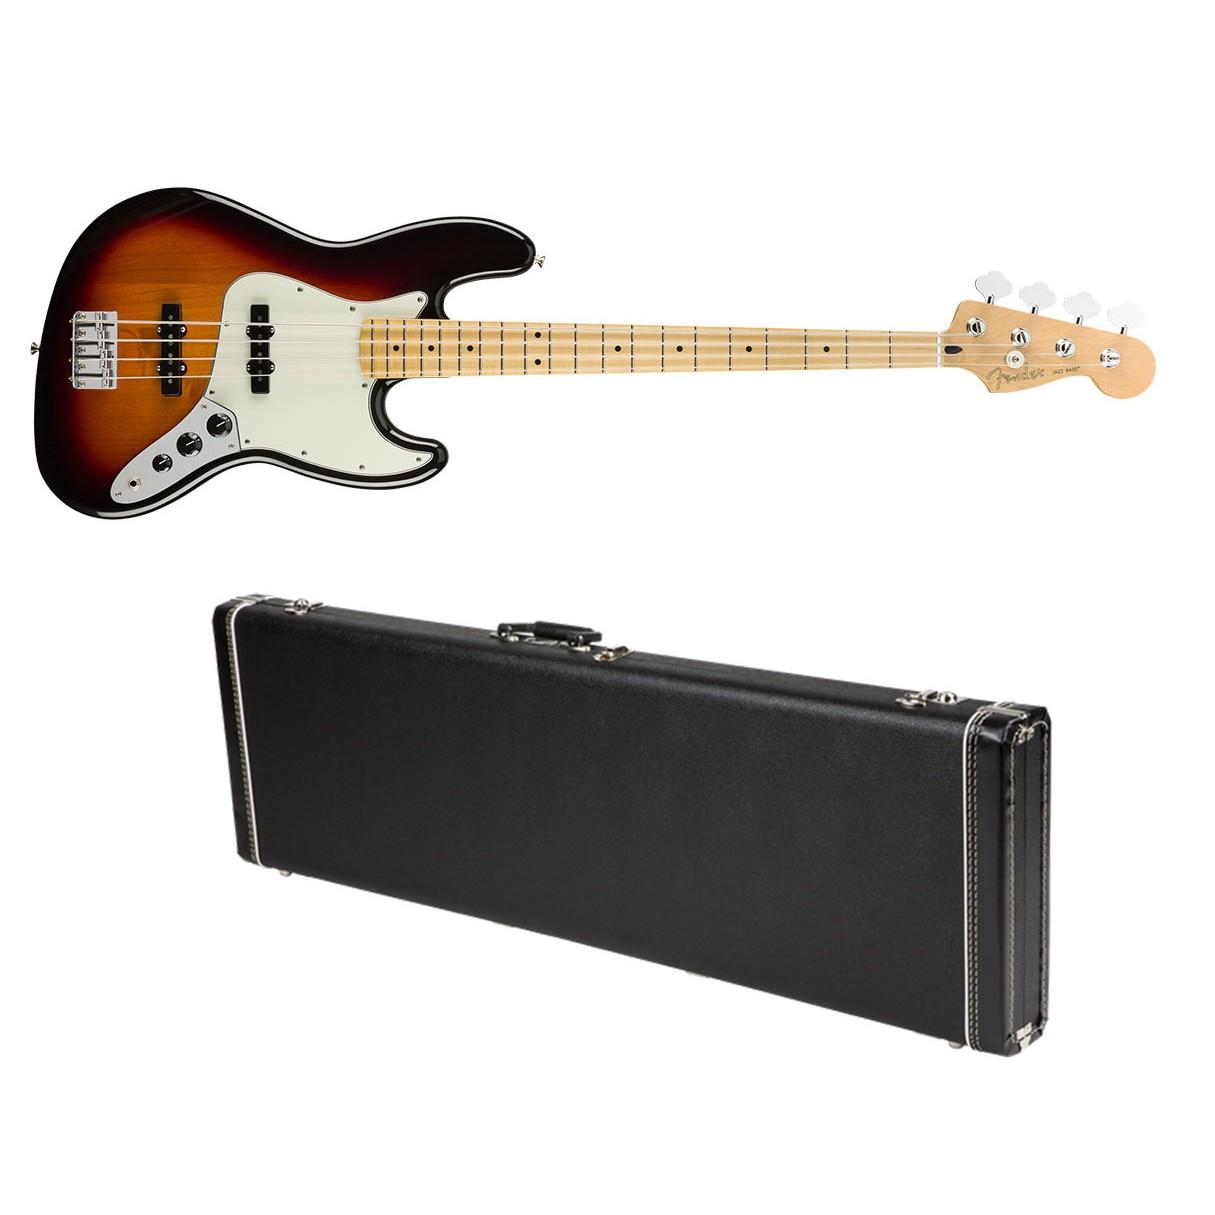 fender player jazz bass 3 color sb w maple fb fender g g dlx hard case. Black Bedroom Furniture Sets. Home Design Ideas